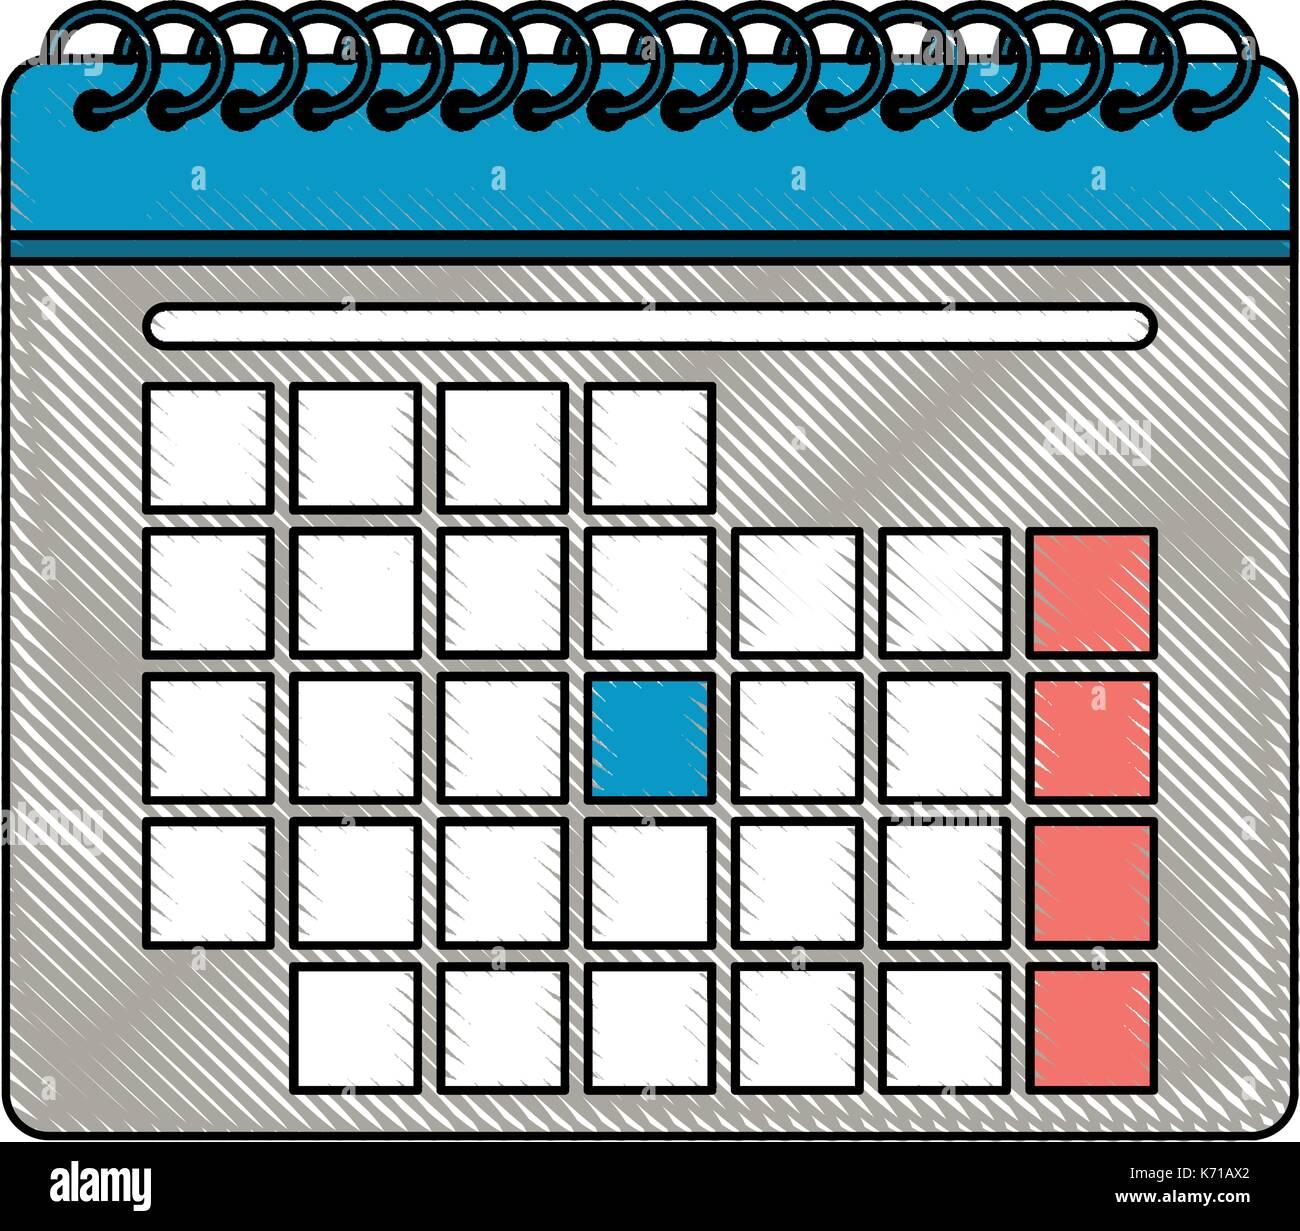 blank calendar icon image  Stock Vector